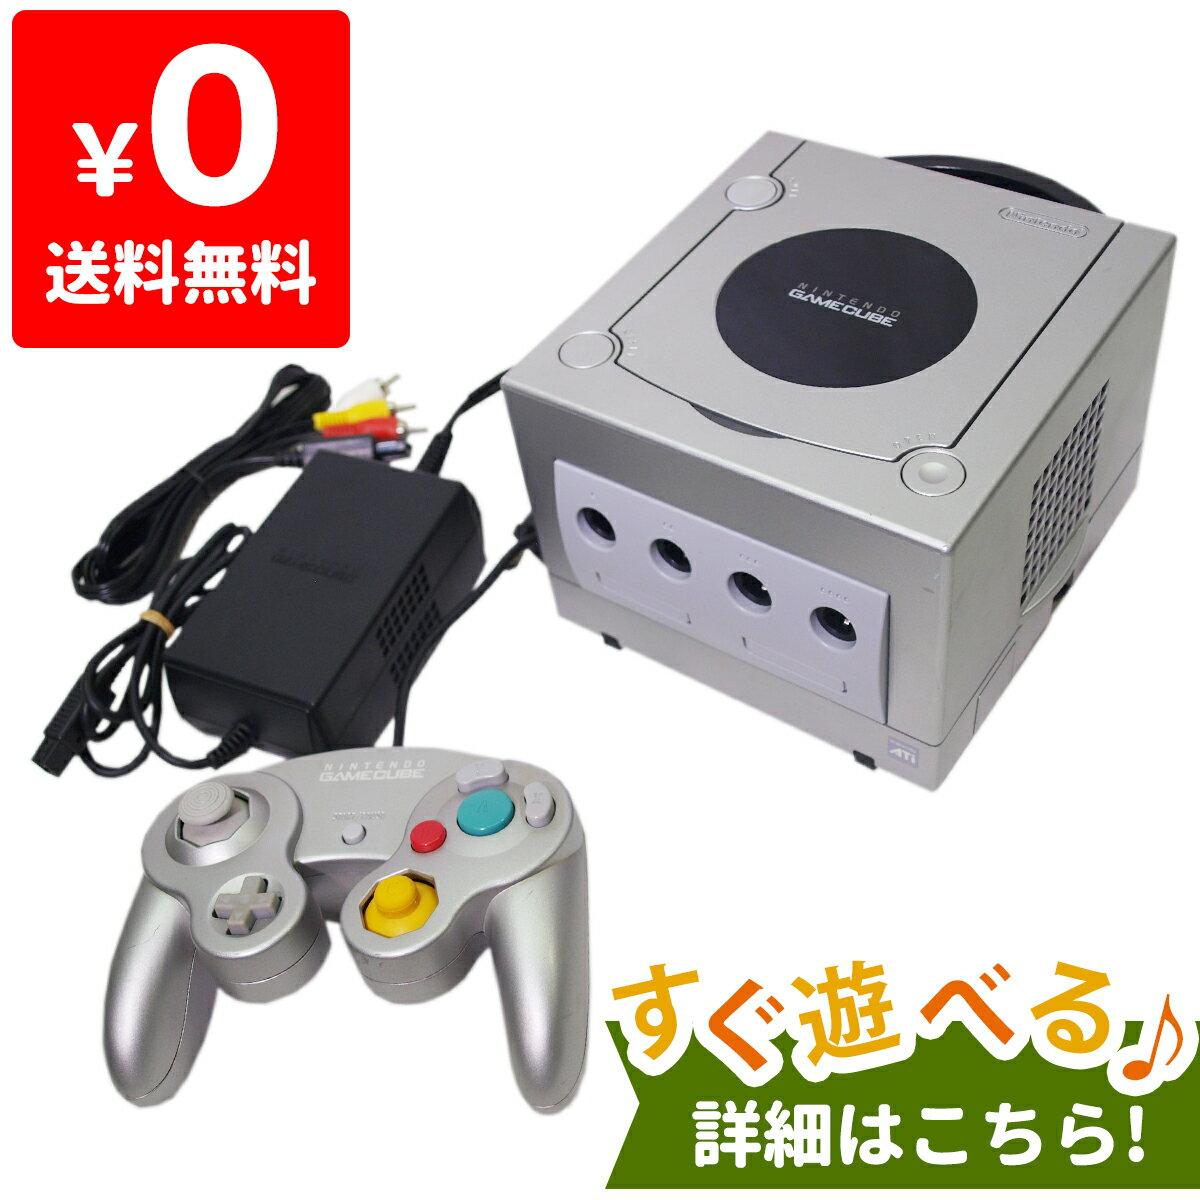 ゲームキューブ GC GAMECUBE 本体 シルバー ニンテンドー 任天堂 Nintendo 中古 すぐに遊べるセット 4902370506204 送料無料